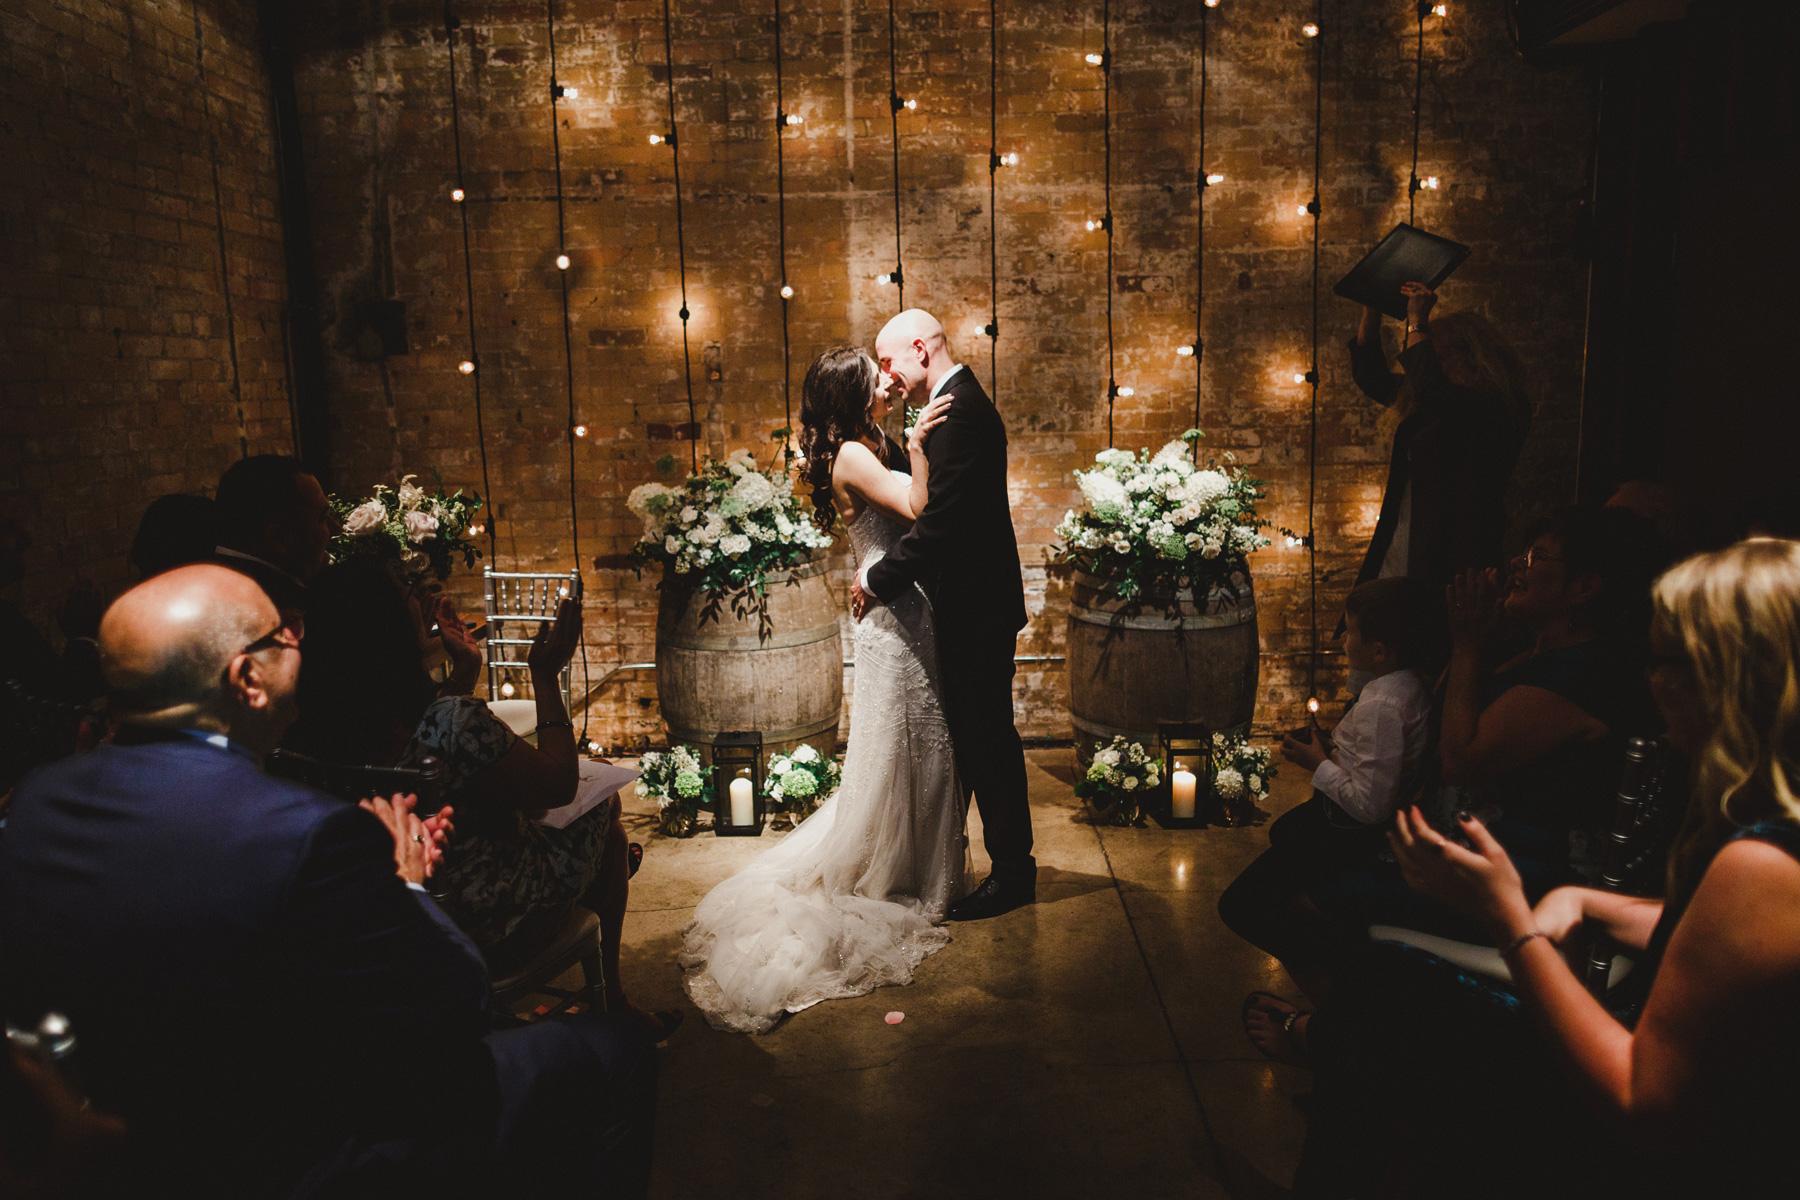 Avangard Photography, wedding photographers in Toronto